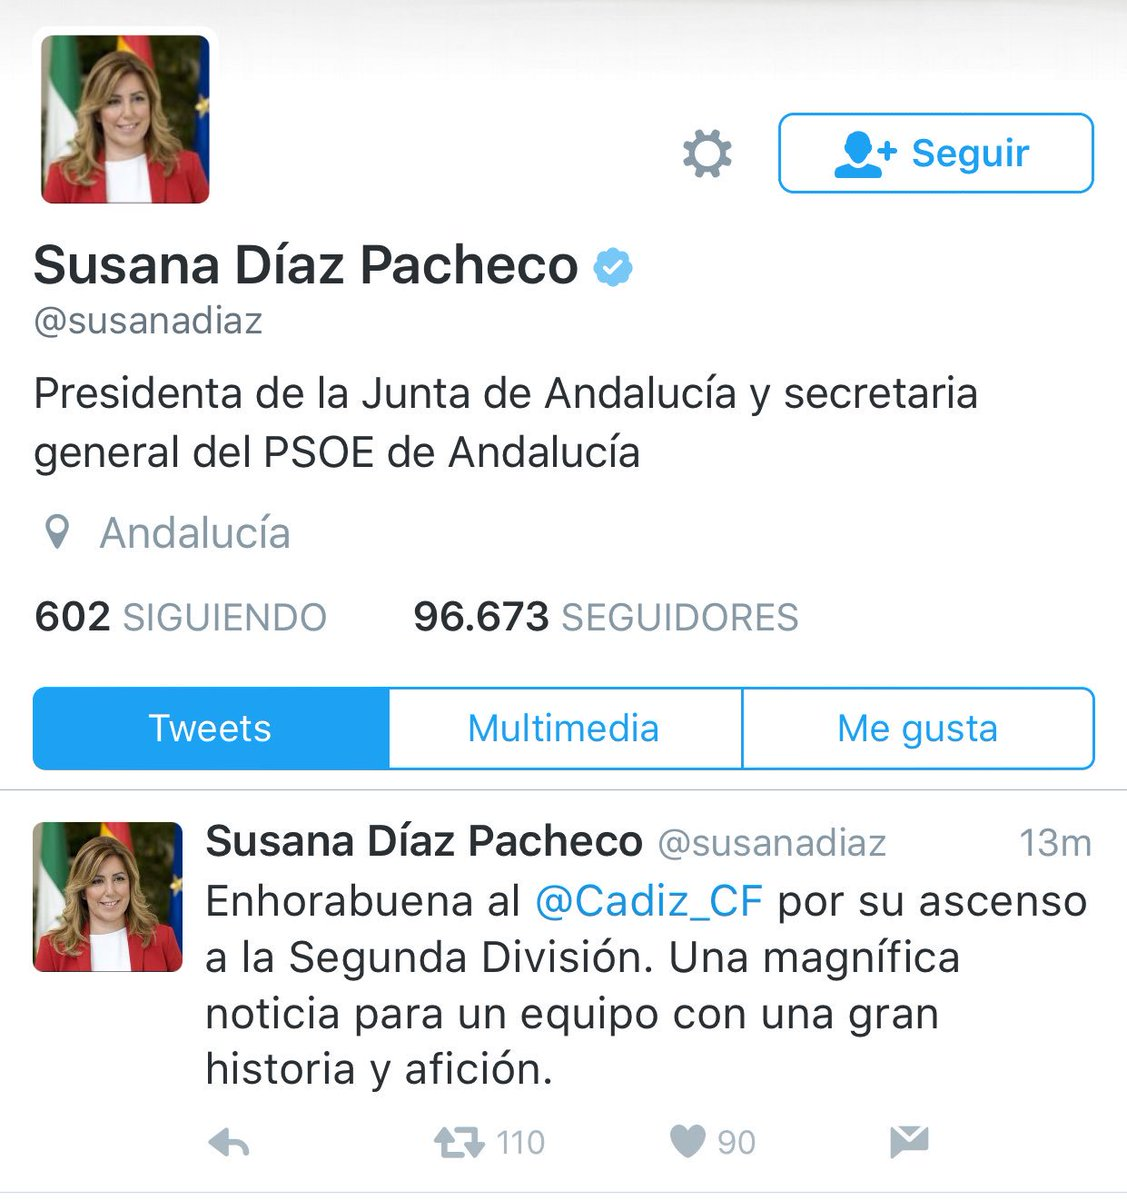 Porque una imagen vale más que mil palabras os dejo el análisis político de las elecciones en Andalucía @susanadiaz https://t.co/TzQZRPZDhb